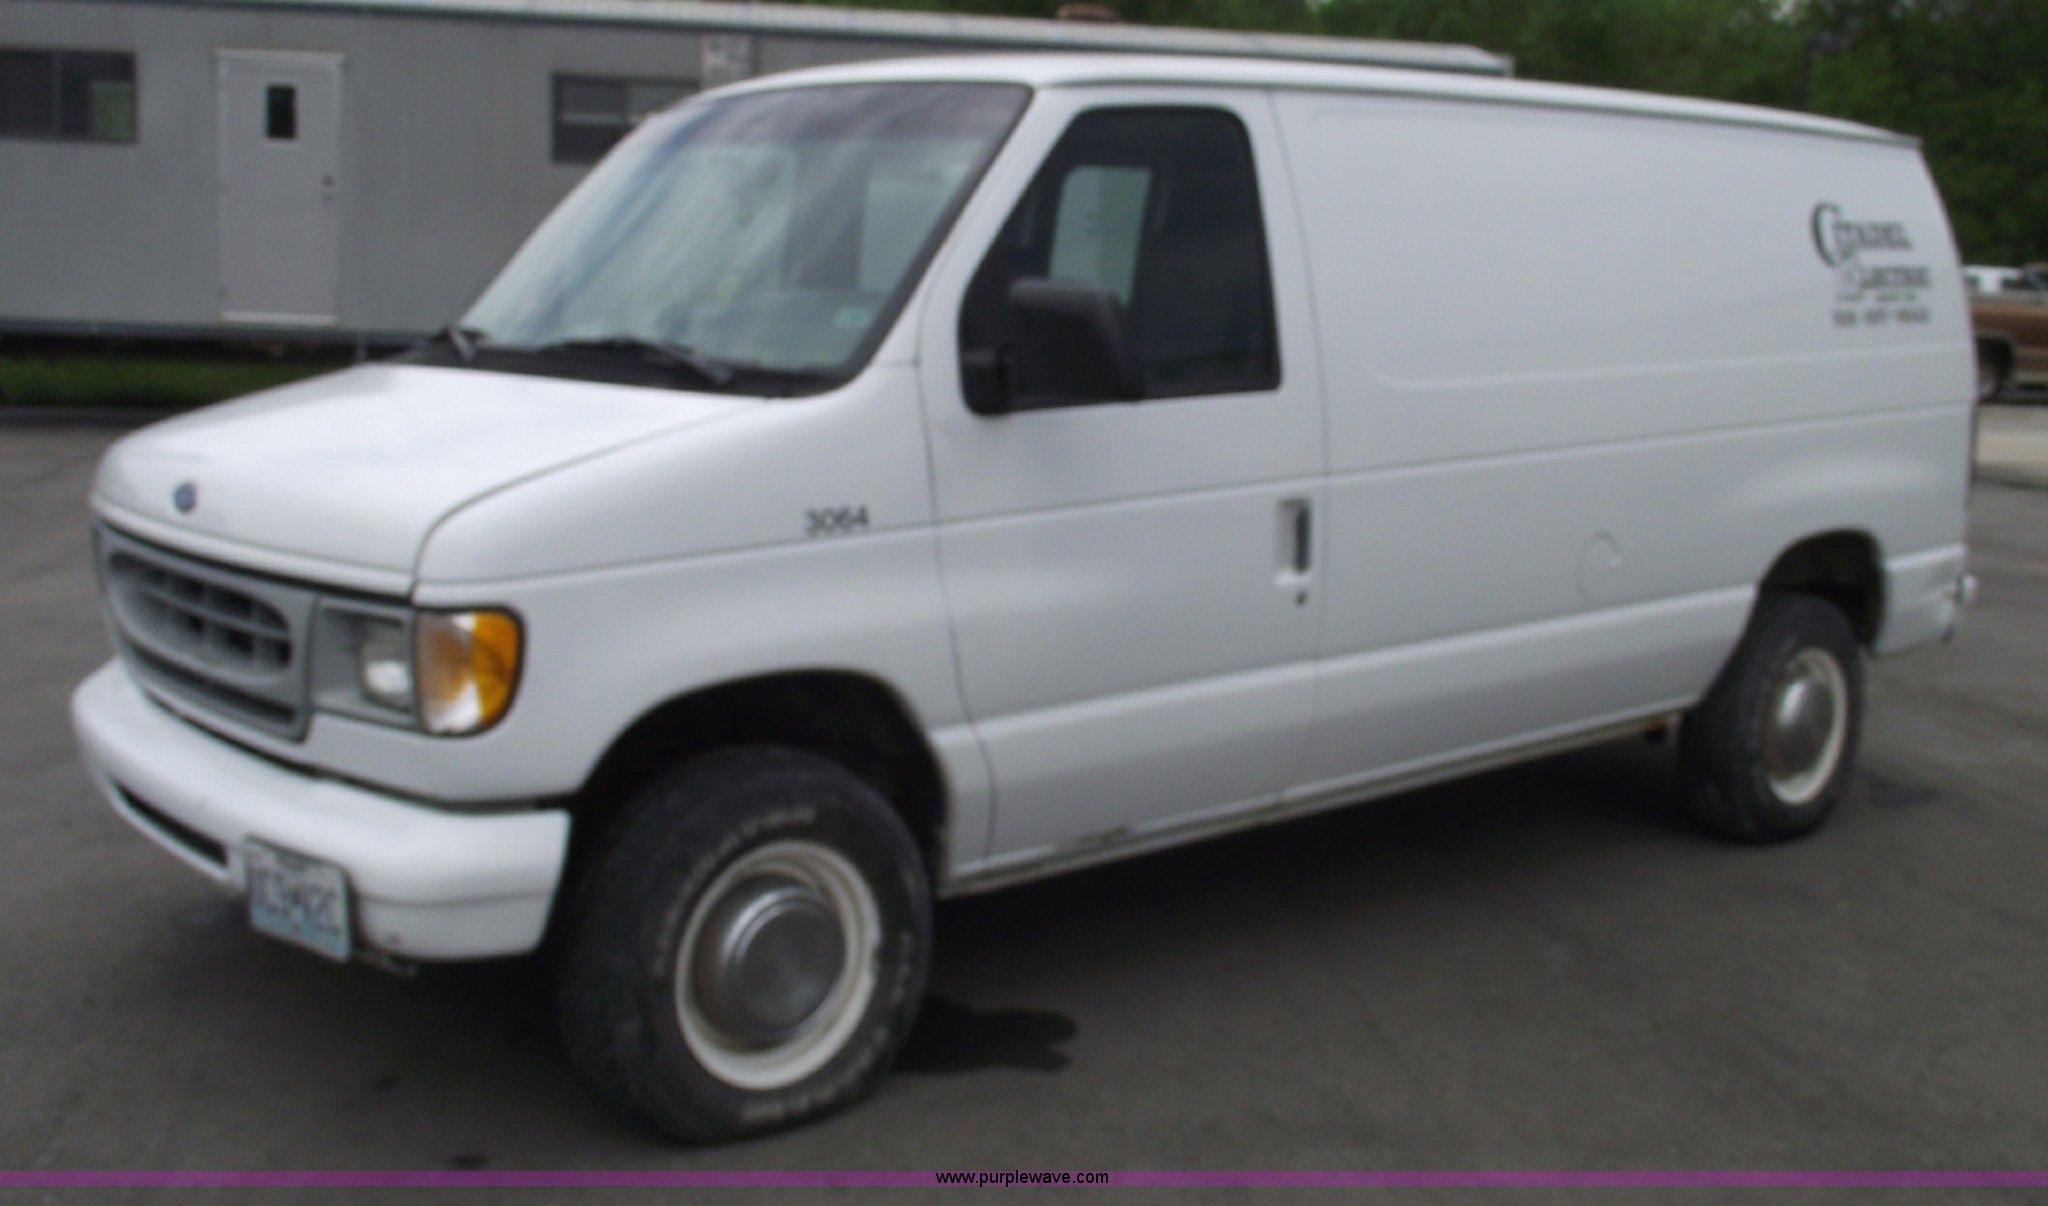 1997 Ford E250 Econoline cargo van | Item 5577 | SOLD! June